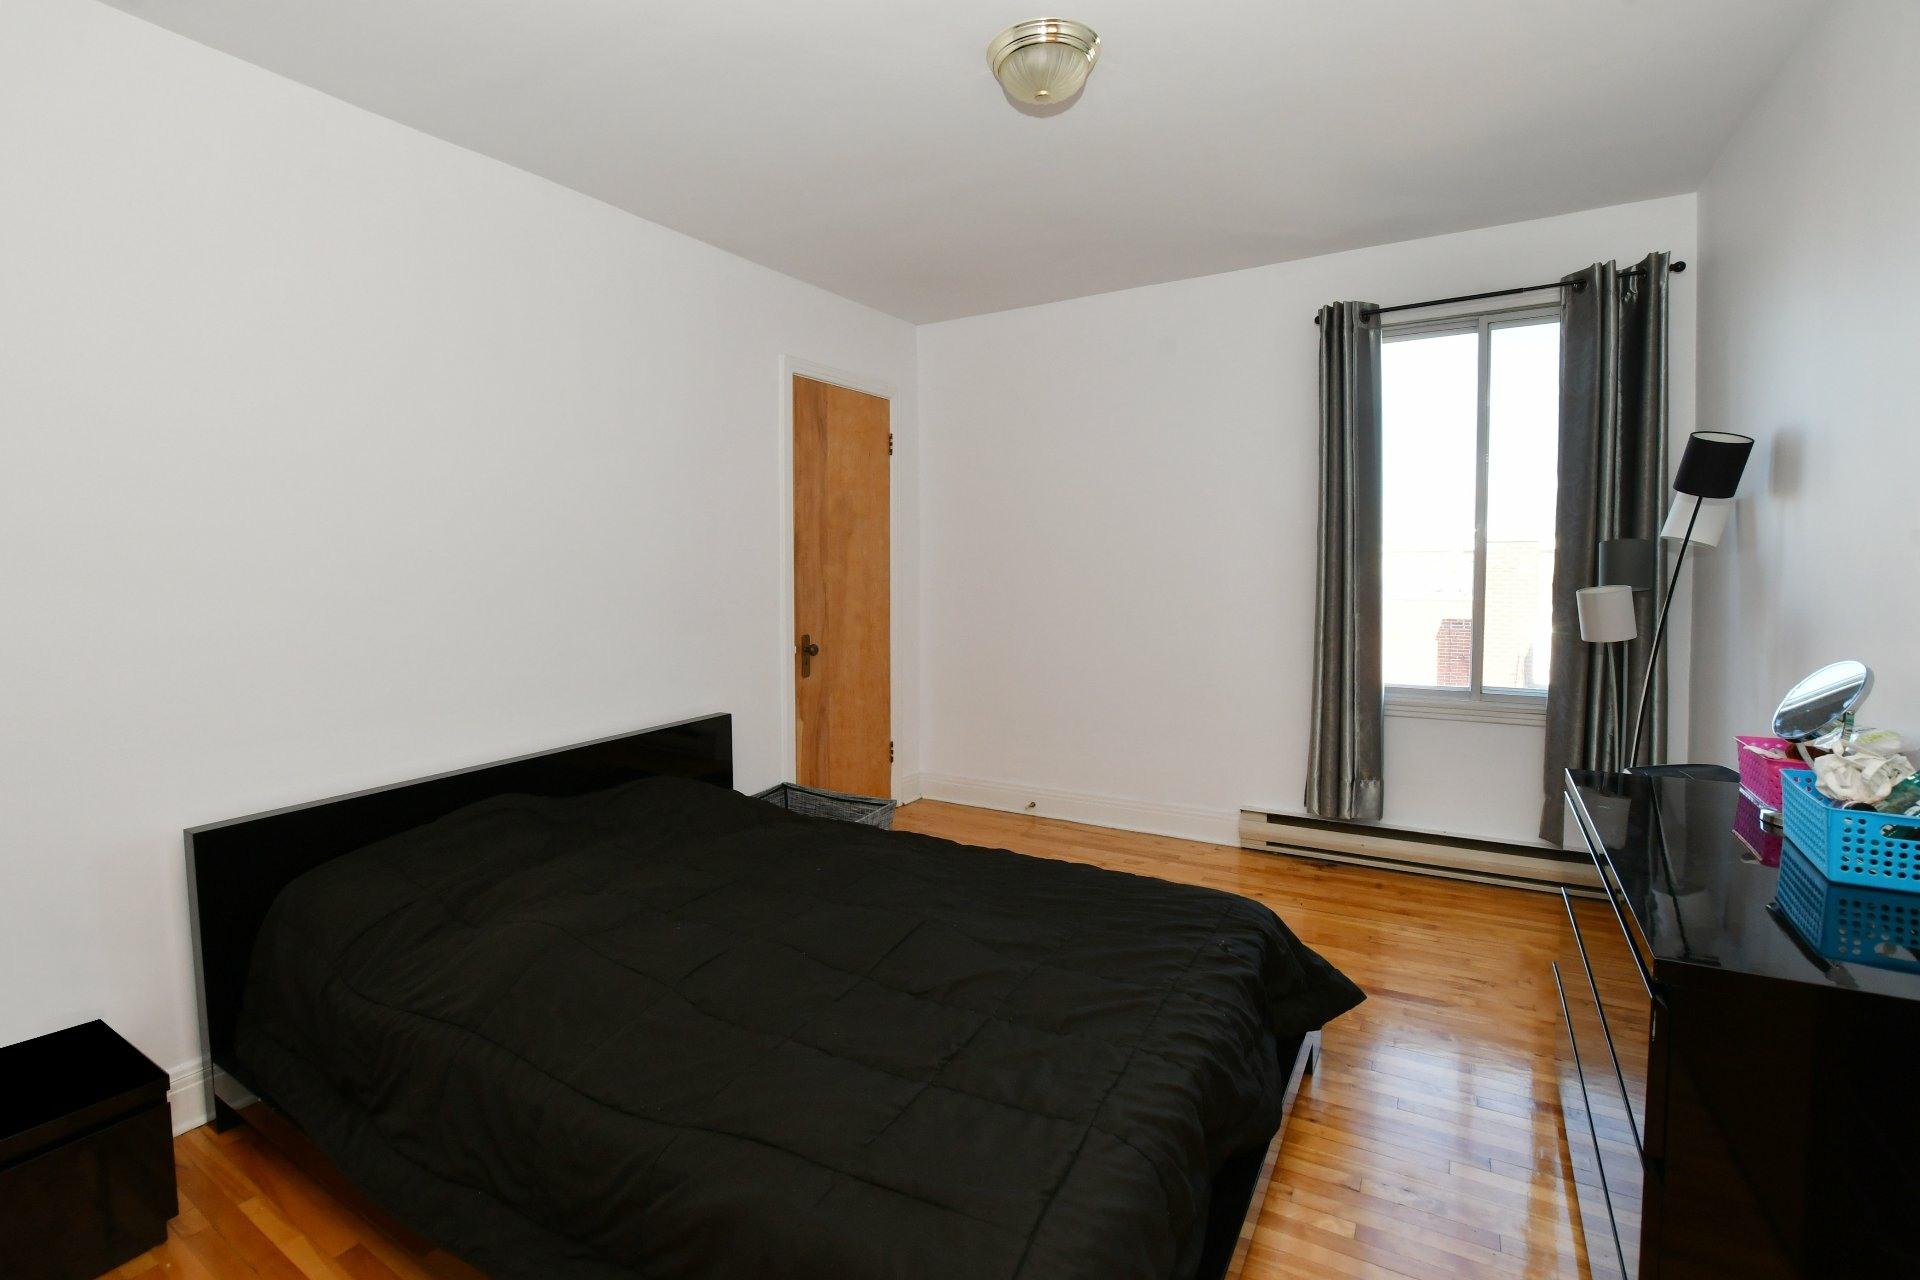 image 5 - Immeuble à revenus À vendre Villeray/Saint-Michel/Parc-Extension Montréal  - 4 pièces